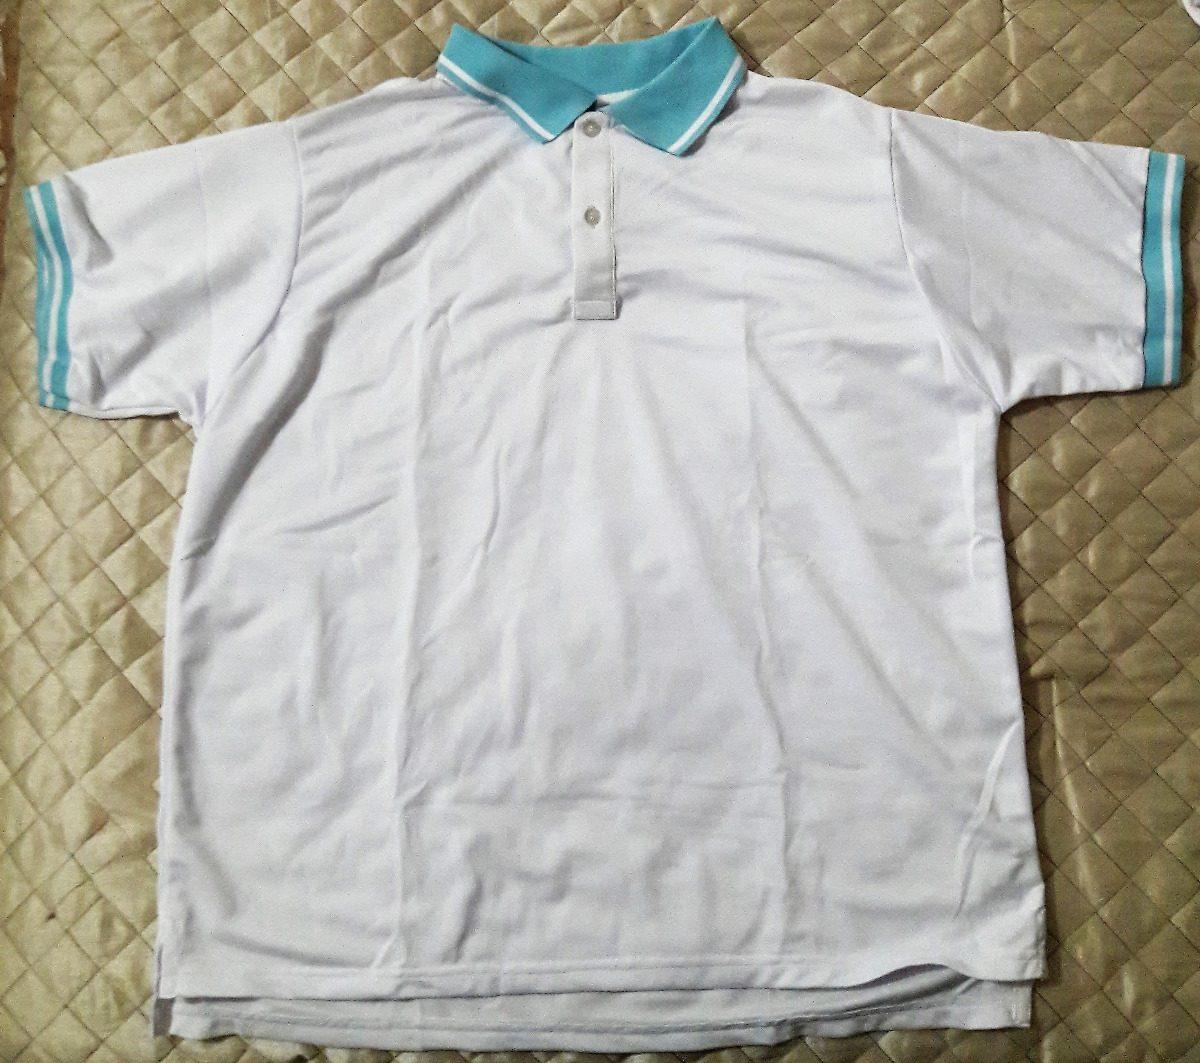 ddd7e4a7bdf87 camisetas tipo polo para hombre   mujer tela tipo lacoste. Cargando zoom.